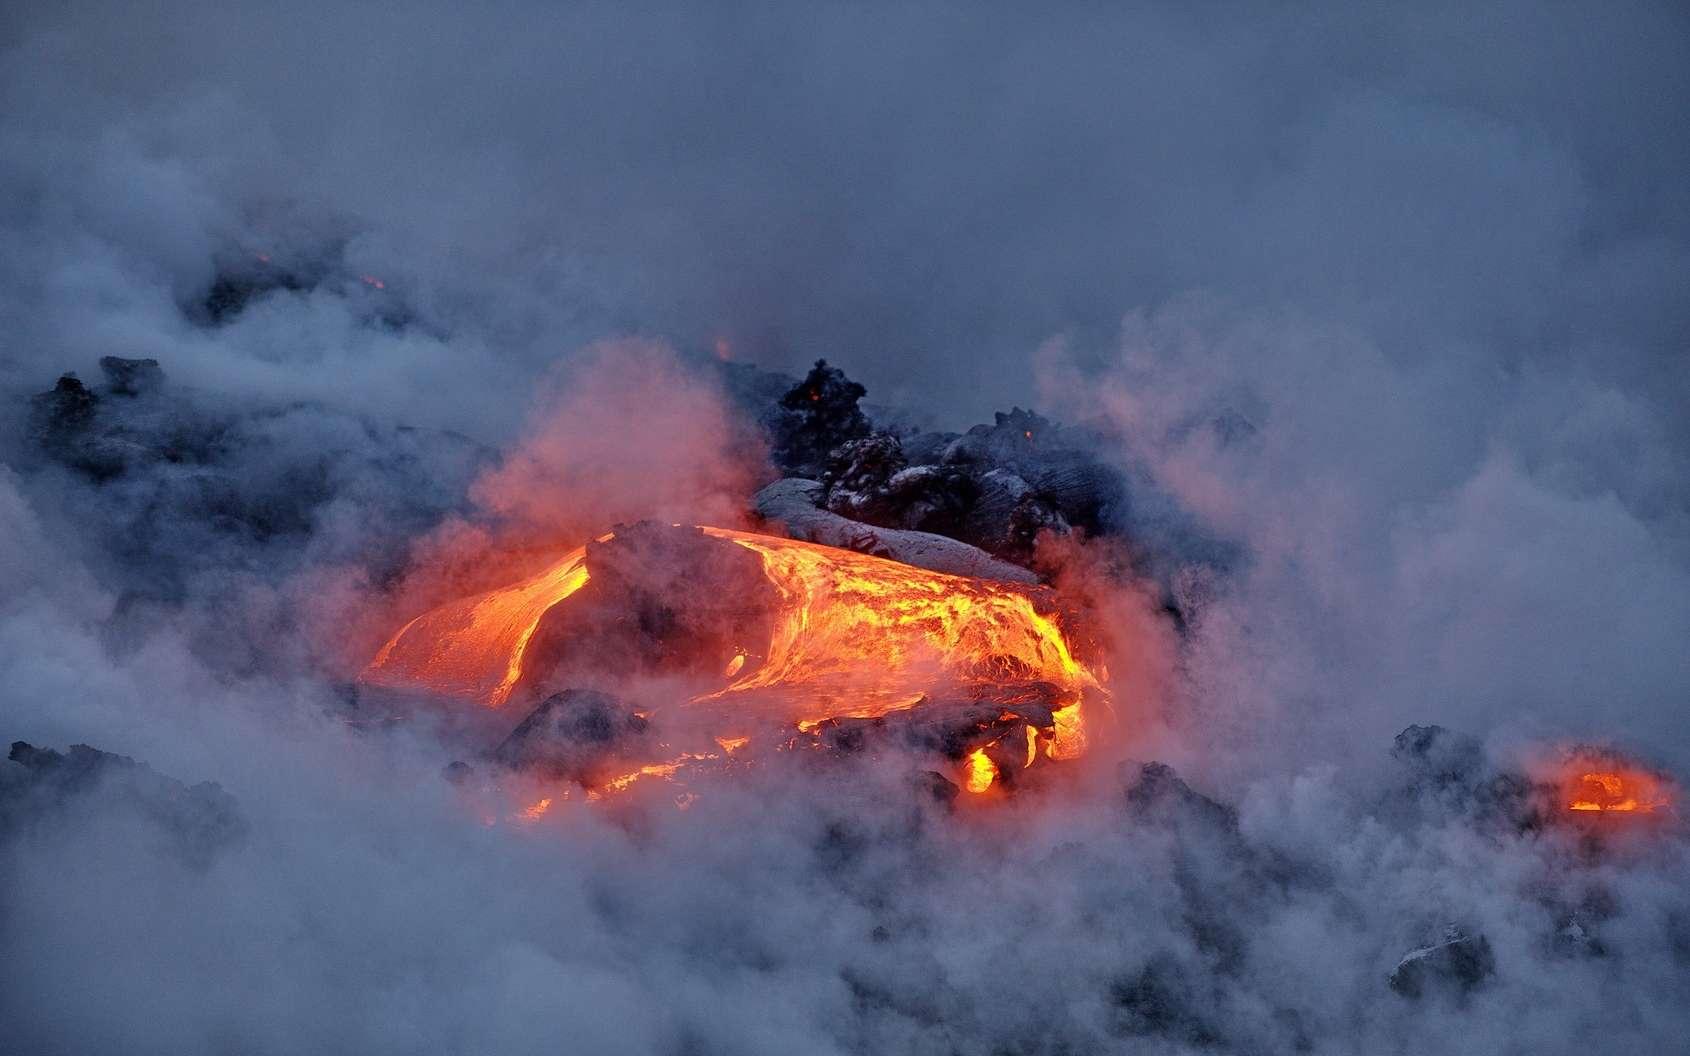 Le Kilauea est entré en éruption il y a une semaine. © Oleksandr Umanskyi, Fotolia